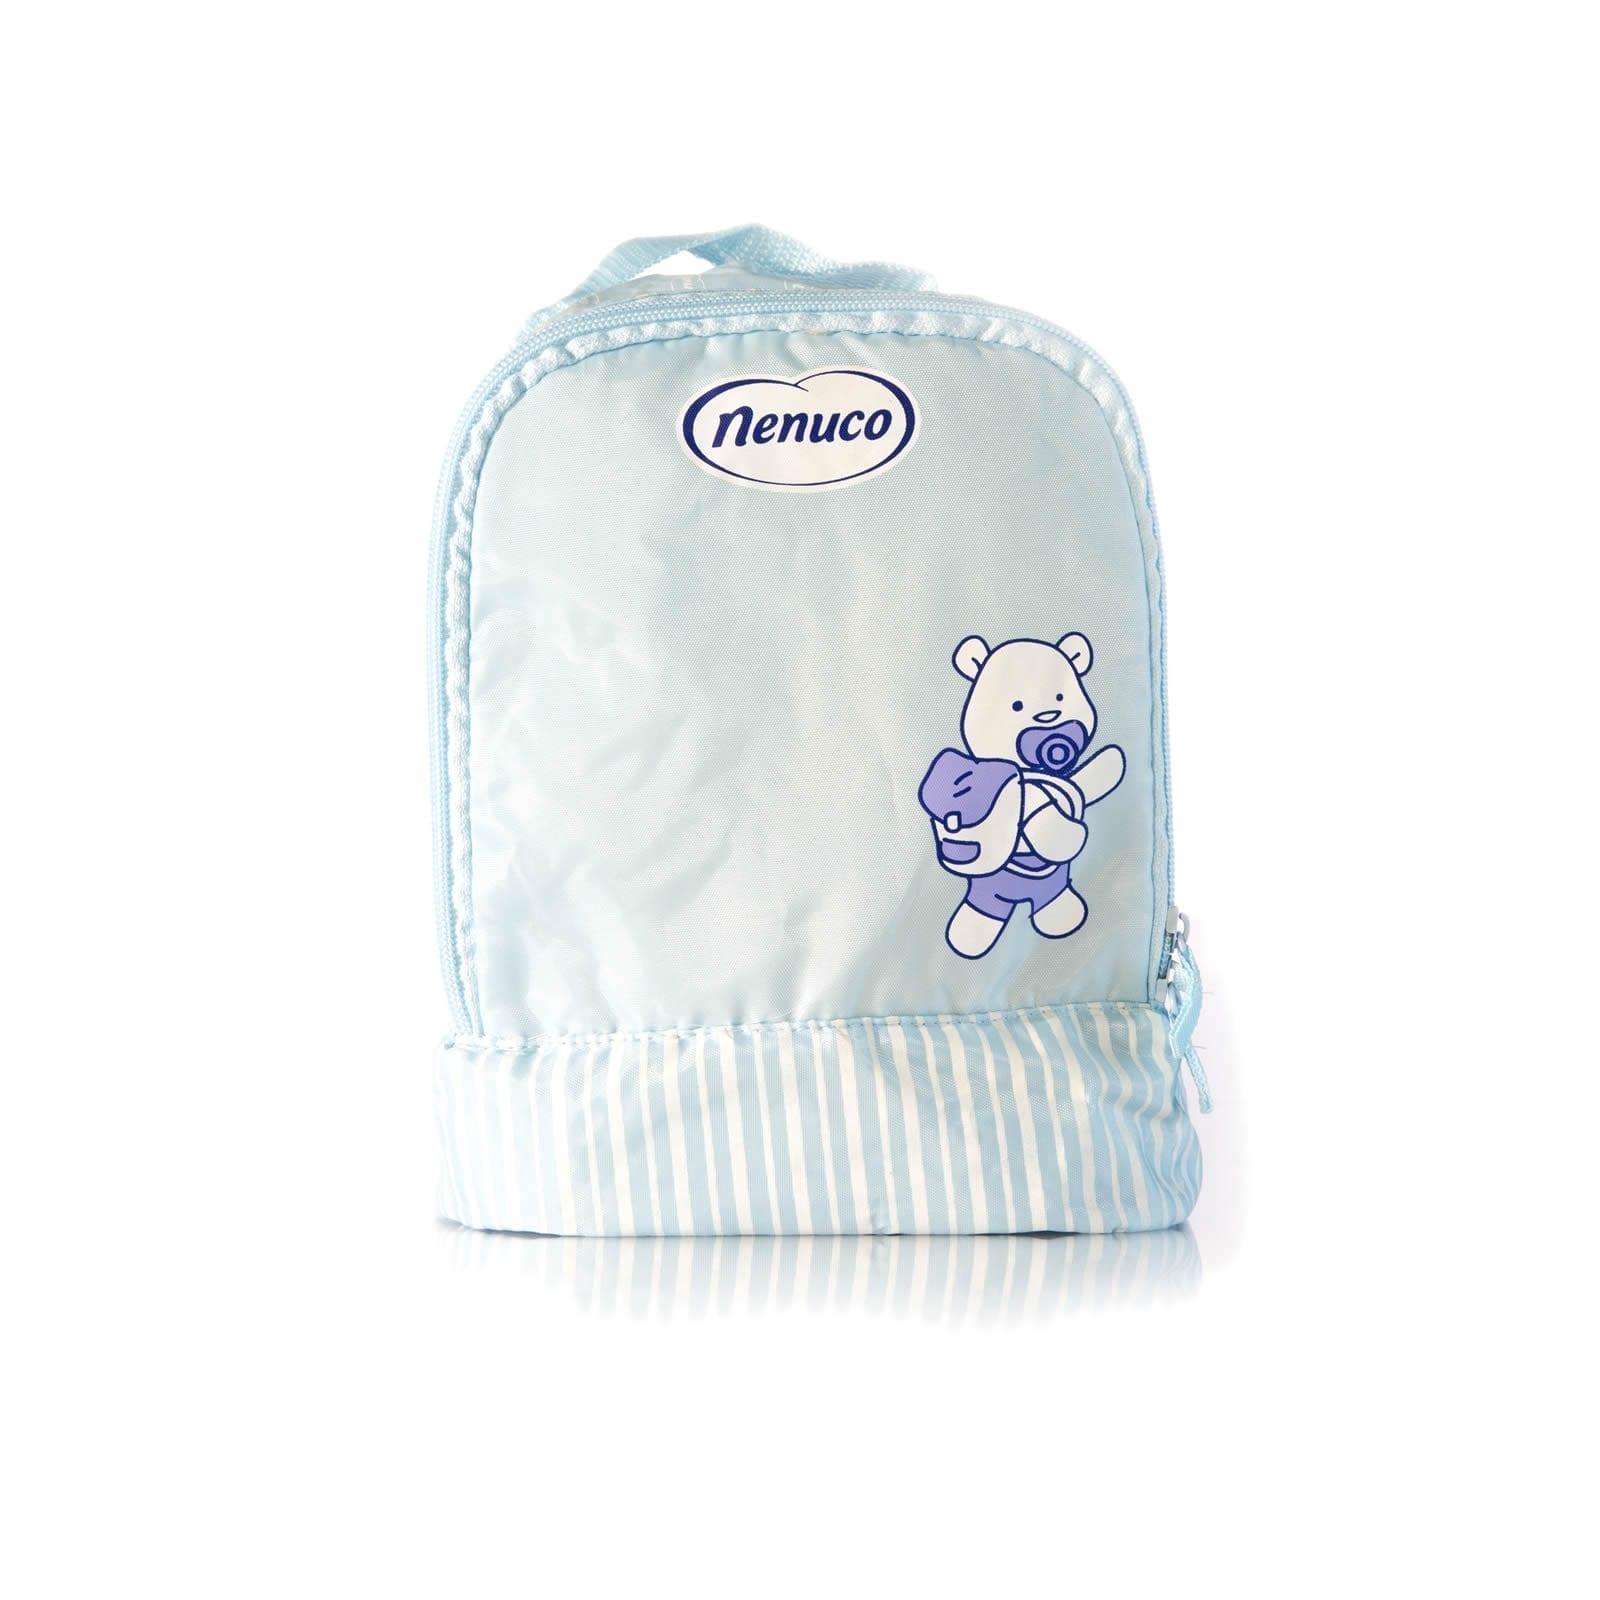 Nenuco Gift Set - Boy